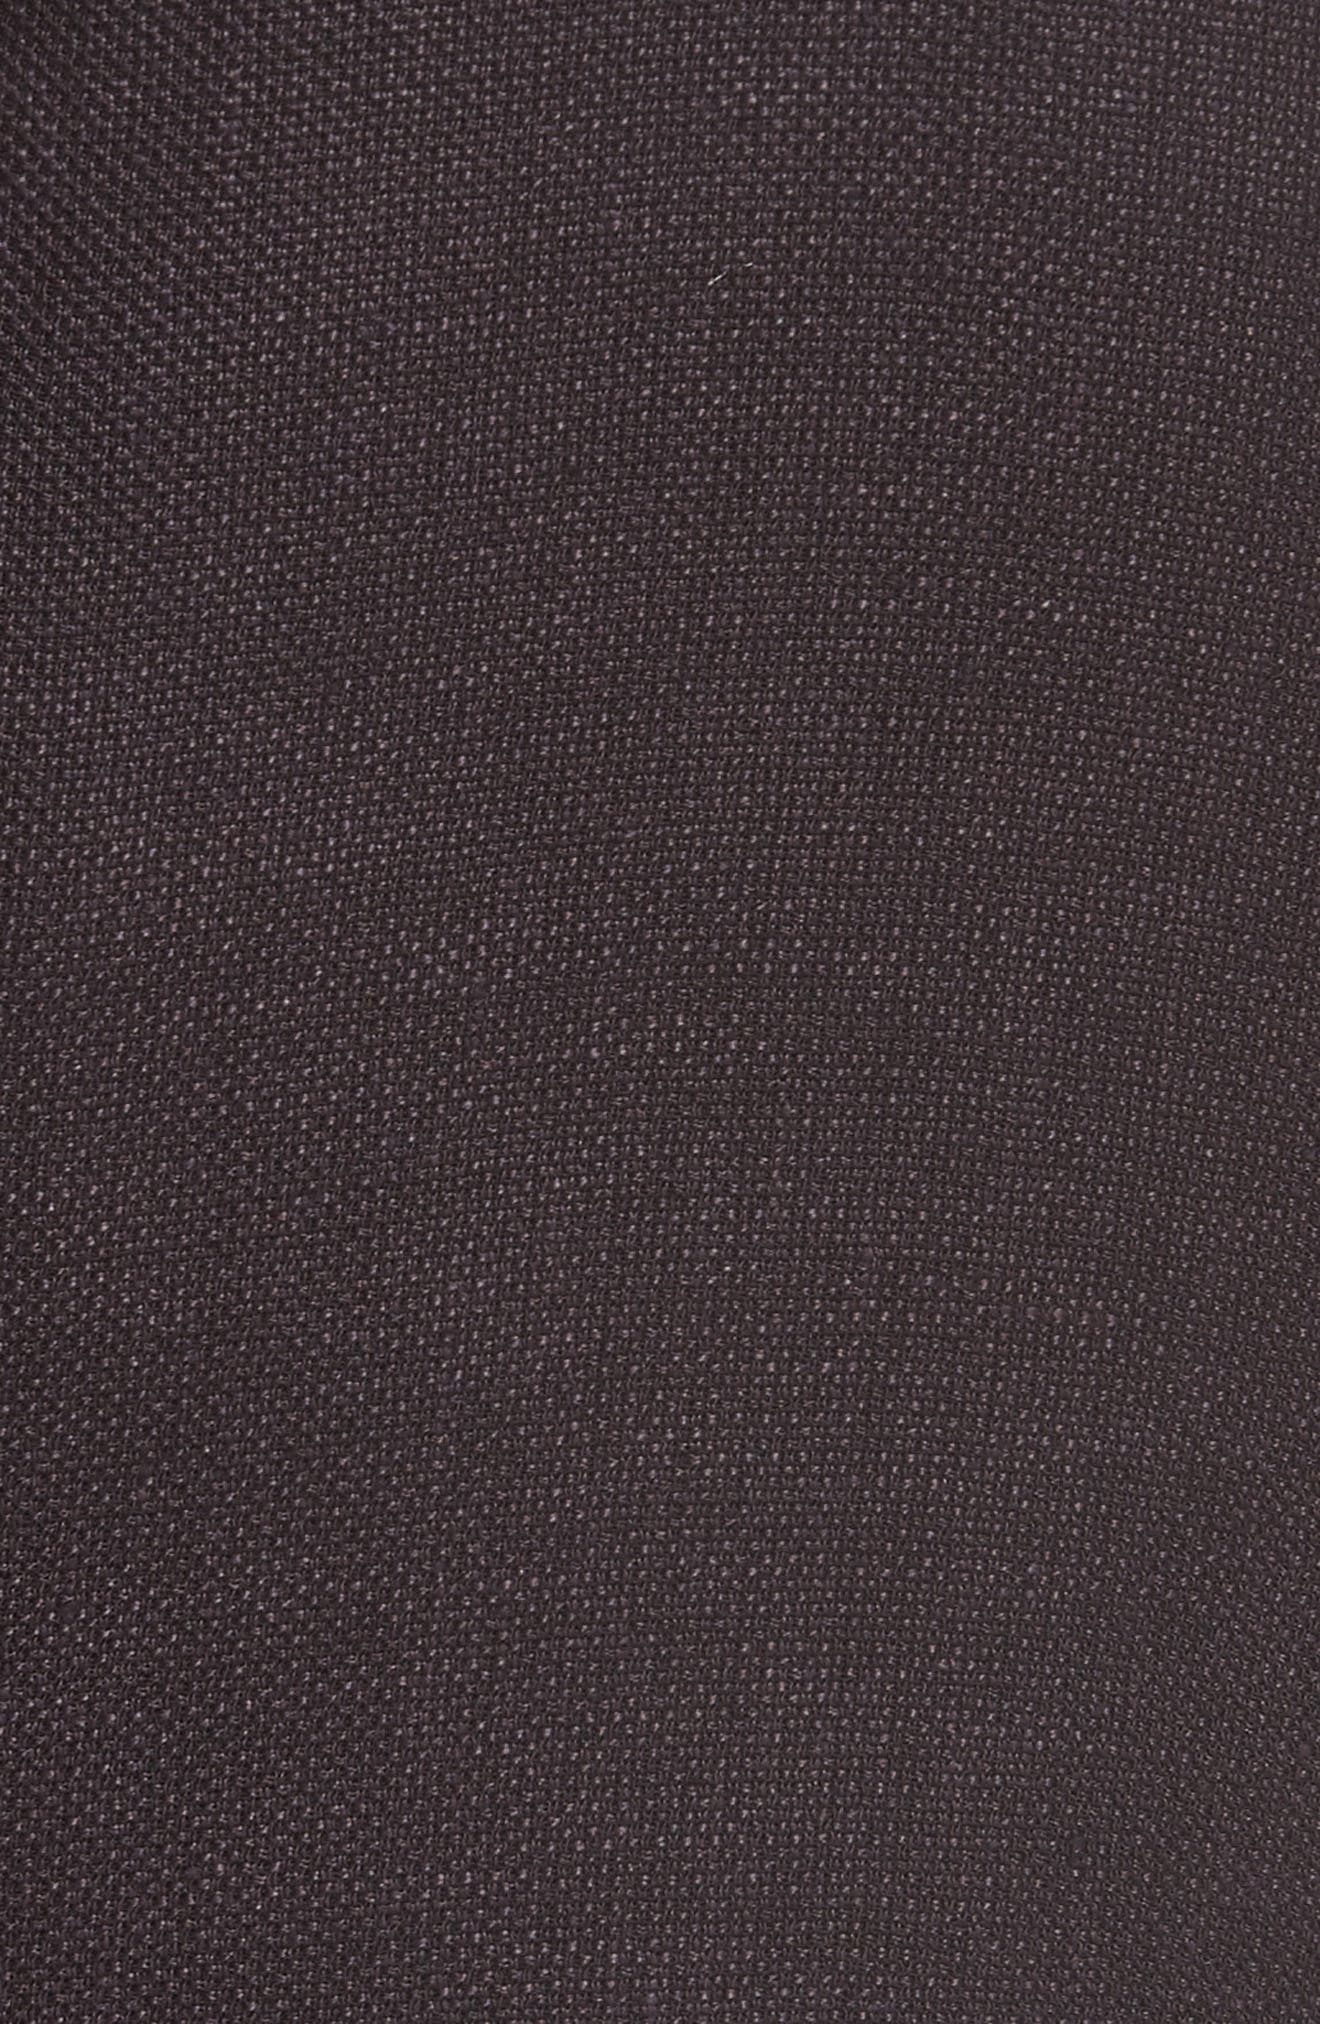 Trim Fit Linen Blend Blazer,                             Alternate thumbnail 6, color,                             500